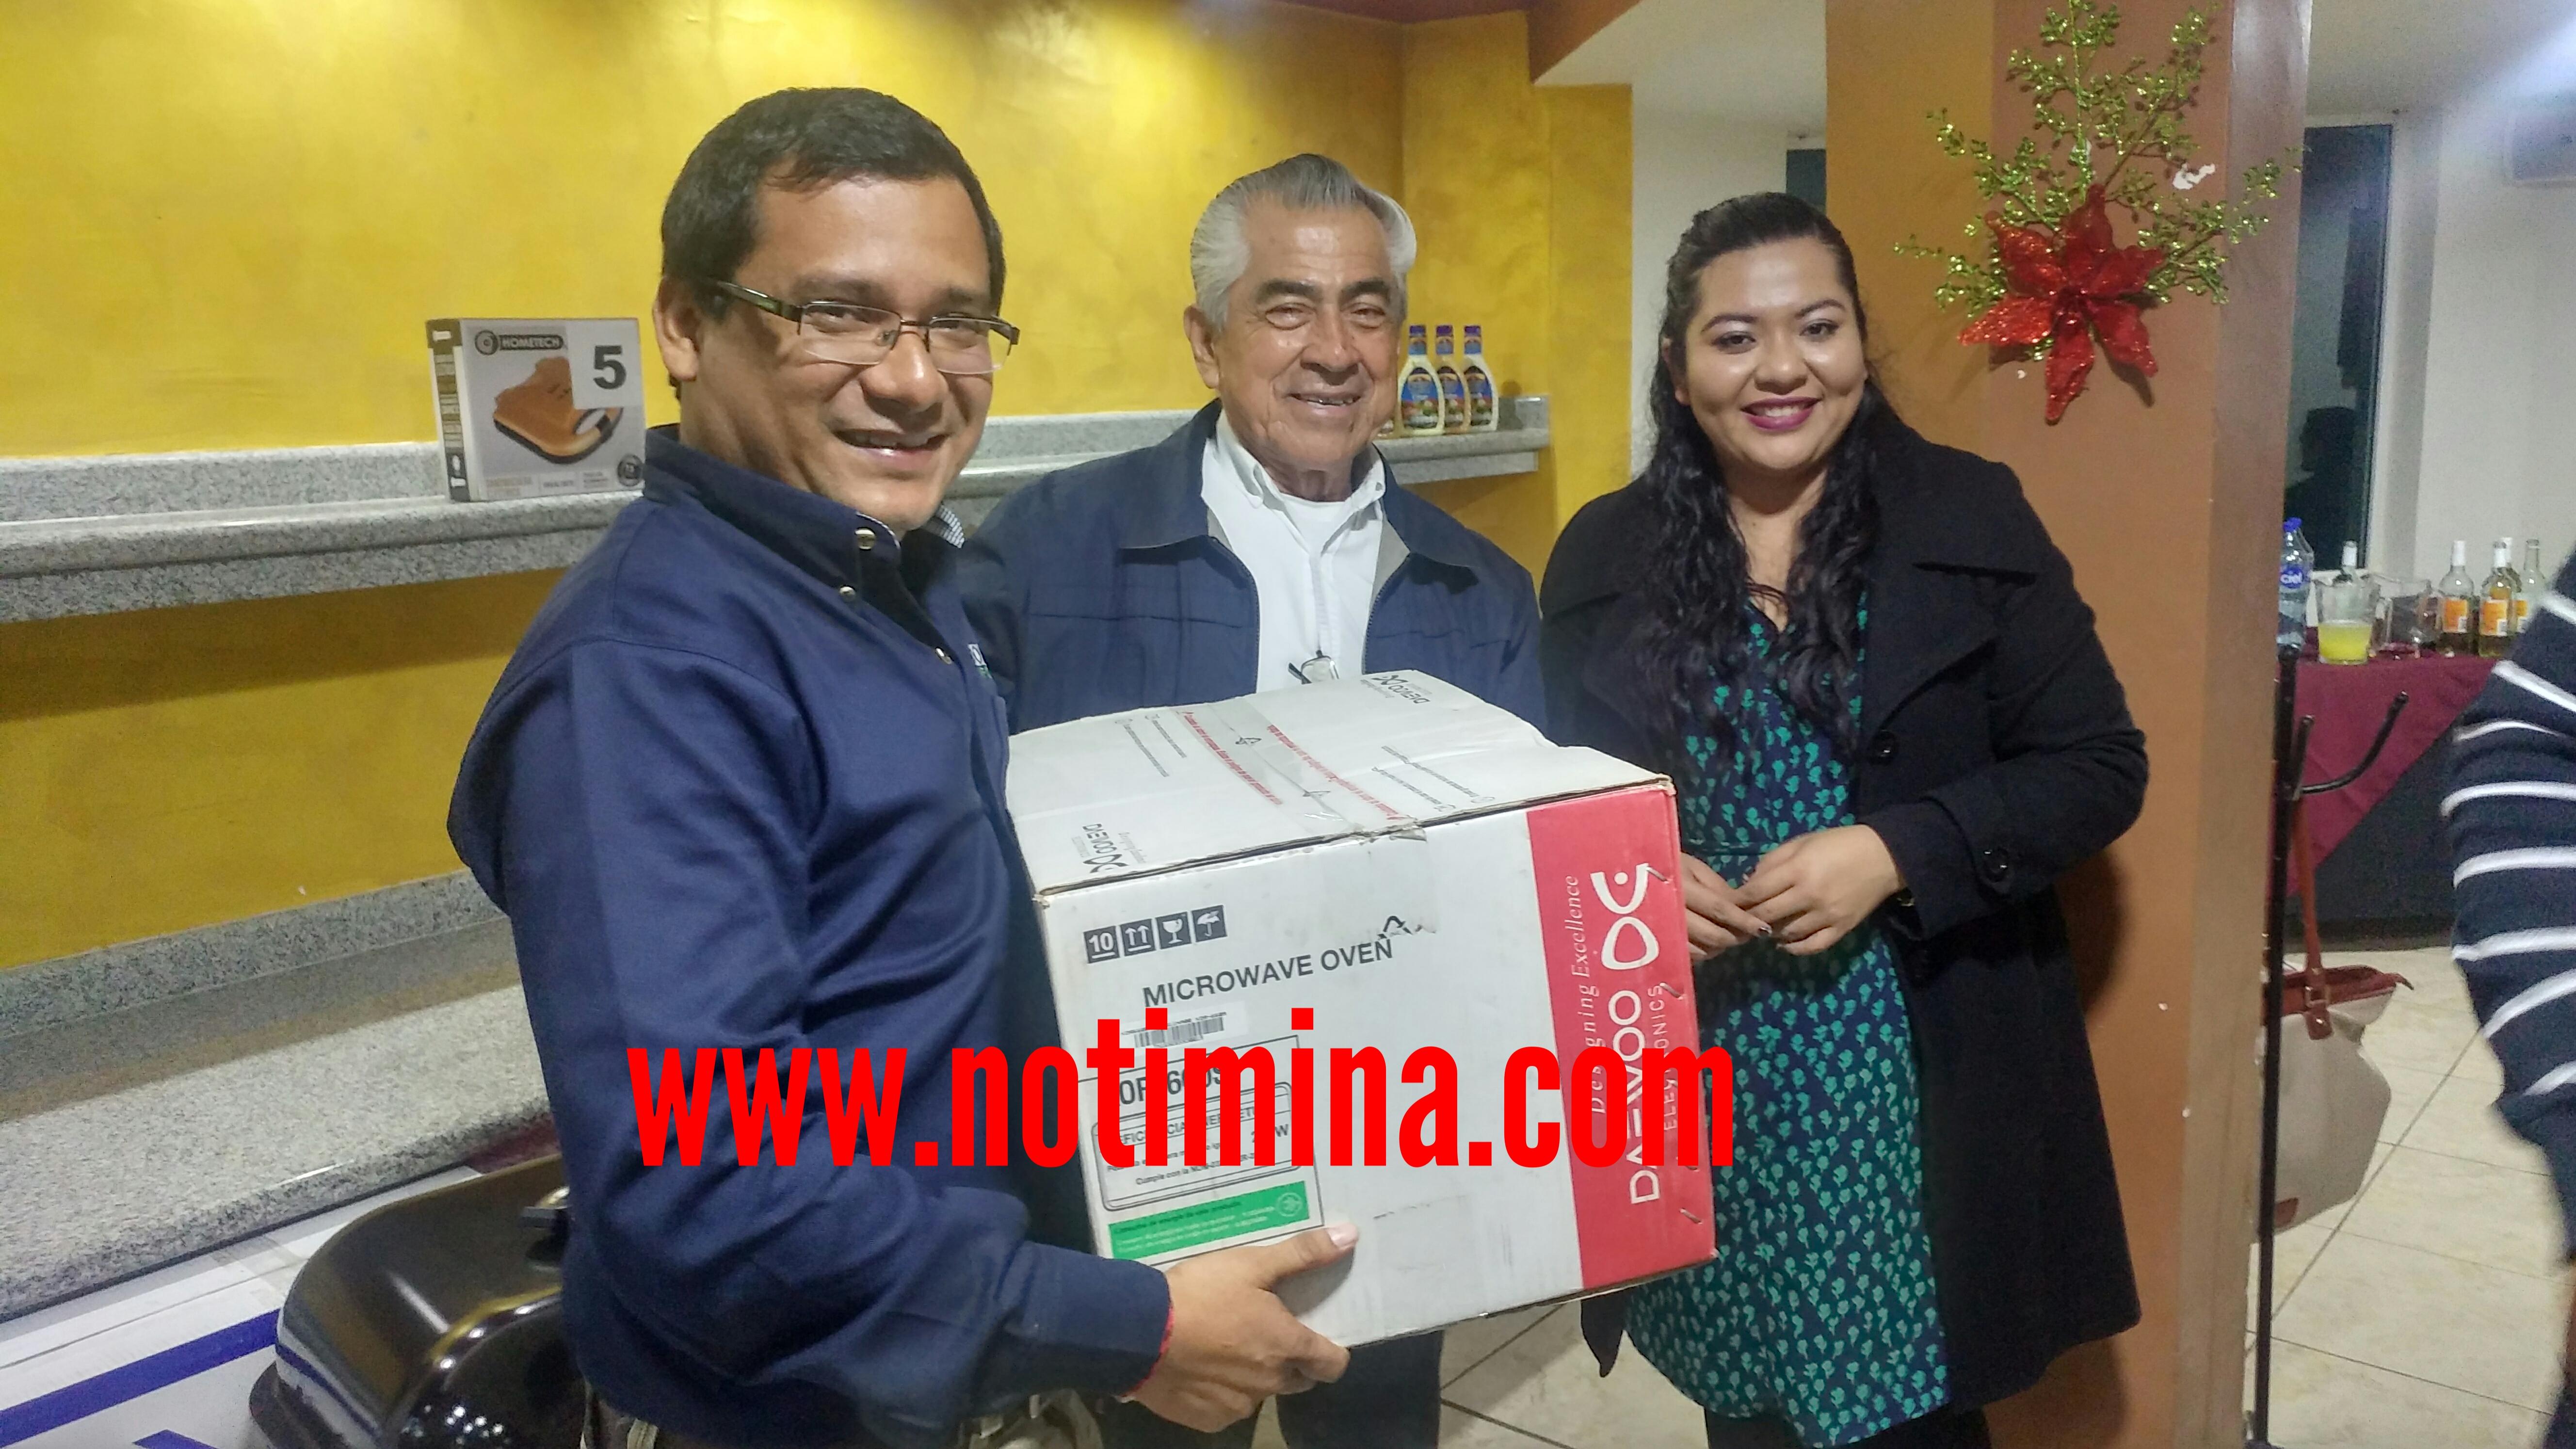 El alcalde Nicolás Reyes, celebra a periodistas en el Día Nacional del Periodista